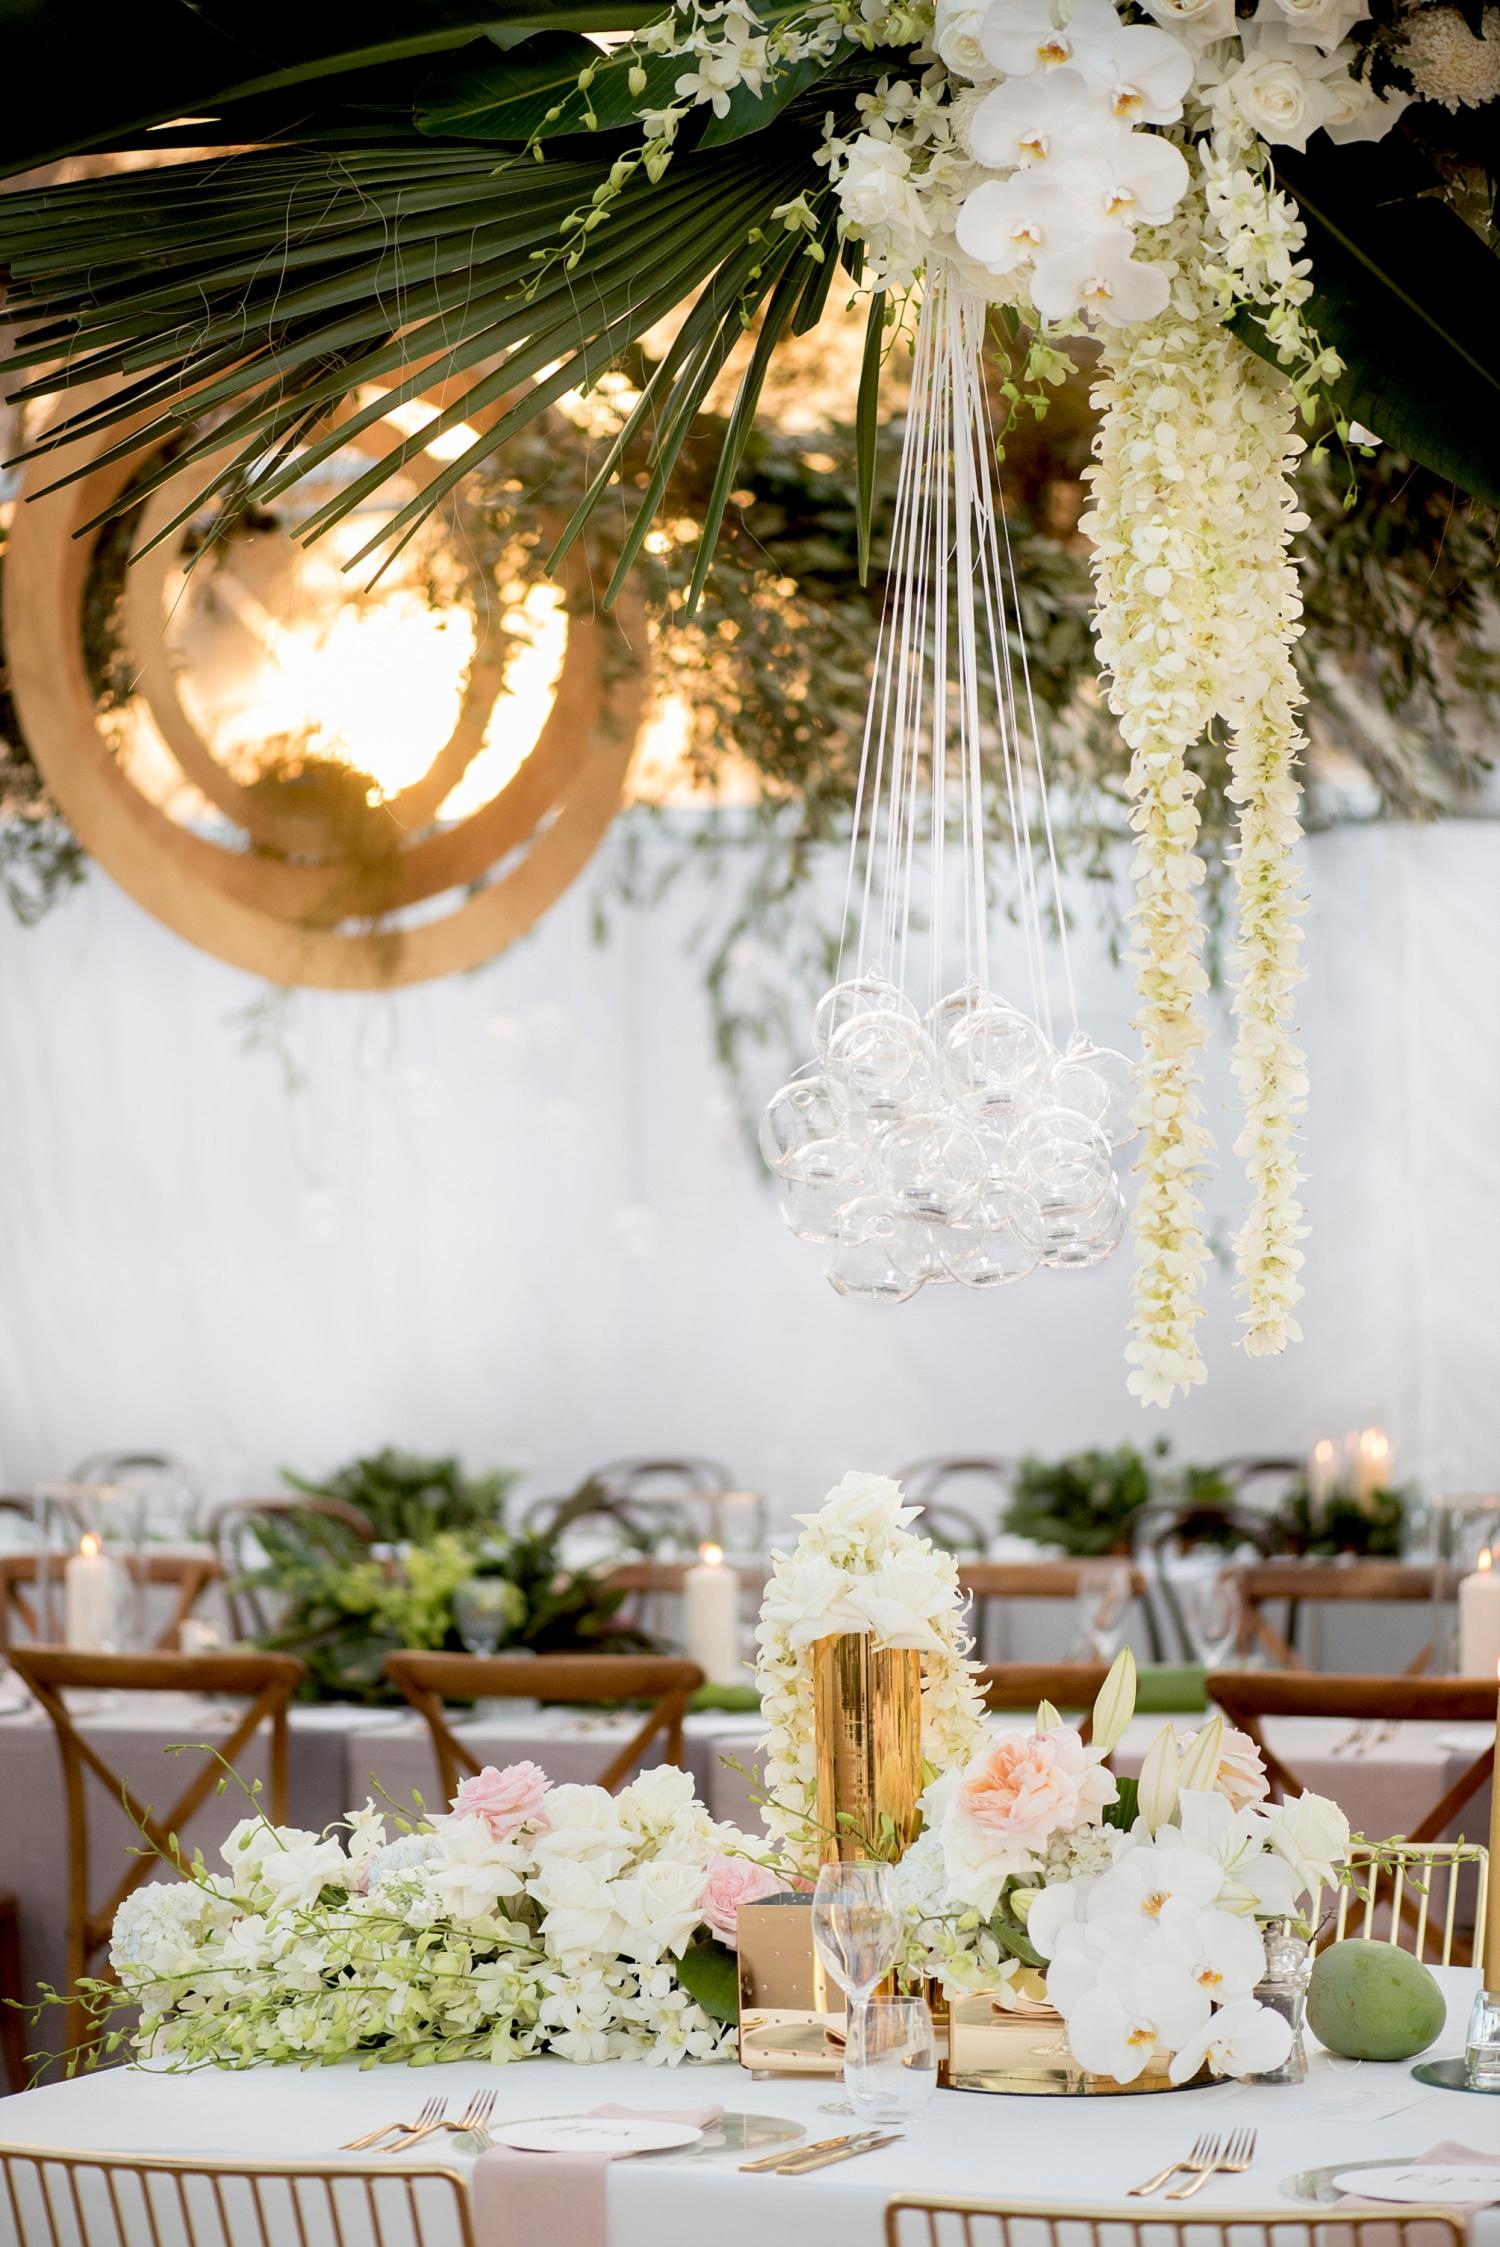 62_wayen stubbs marquee wedding perth.jpg